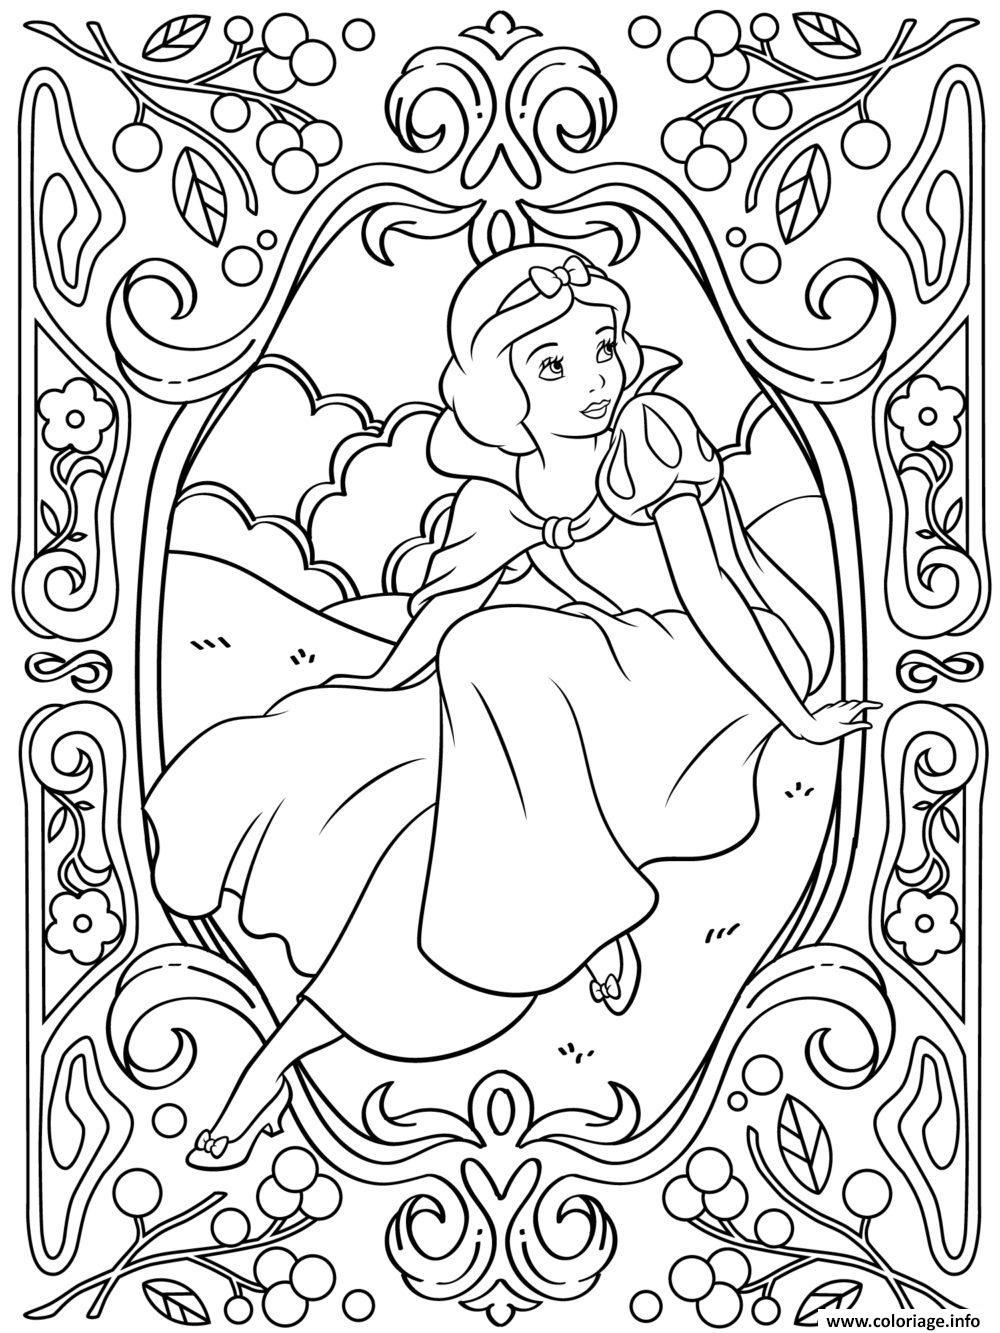 Coloriage Mandala Disney Princesse Blanche Neige Dessin avec Blanche Neige À Colorier Et Imprimer